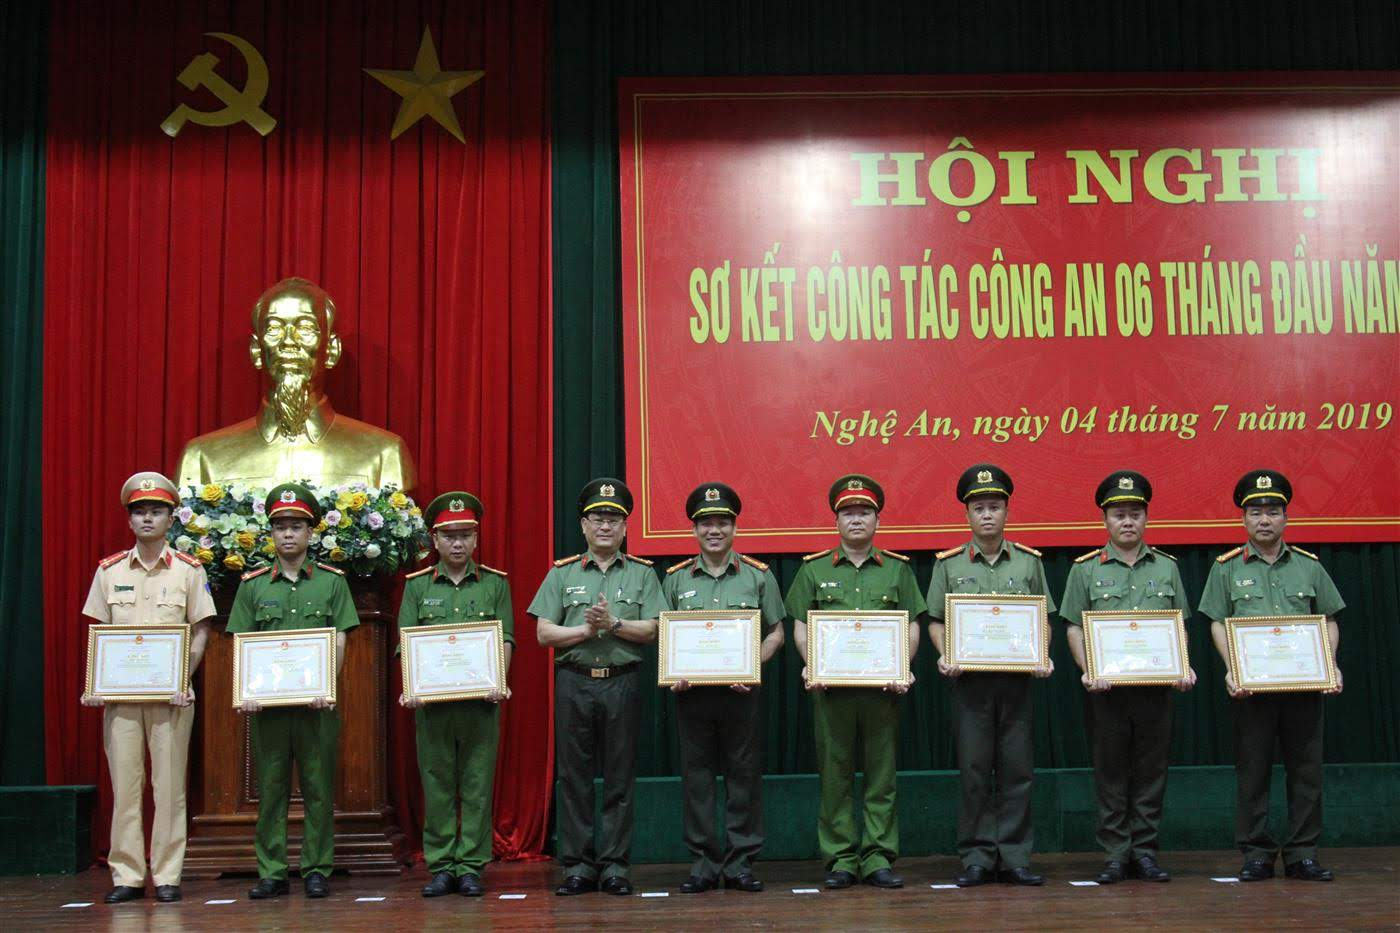 Đồng chí Giám đốc Công an tỉnh tặng Bằng khen của Bộ Công an cho các cá nhân, tập thể có thành tích xuất sắc trong công tác